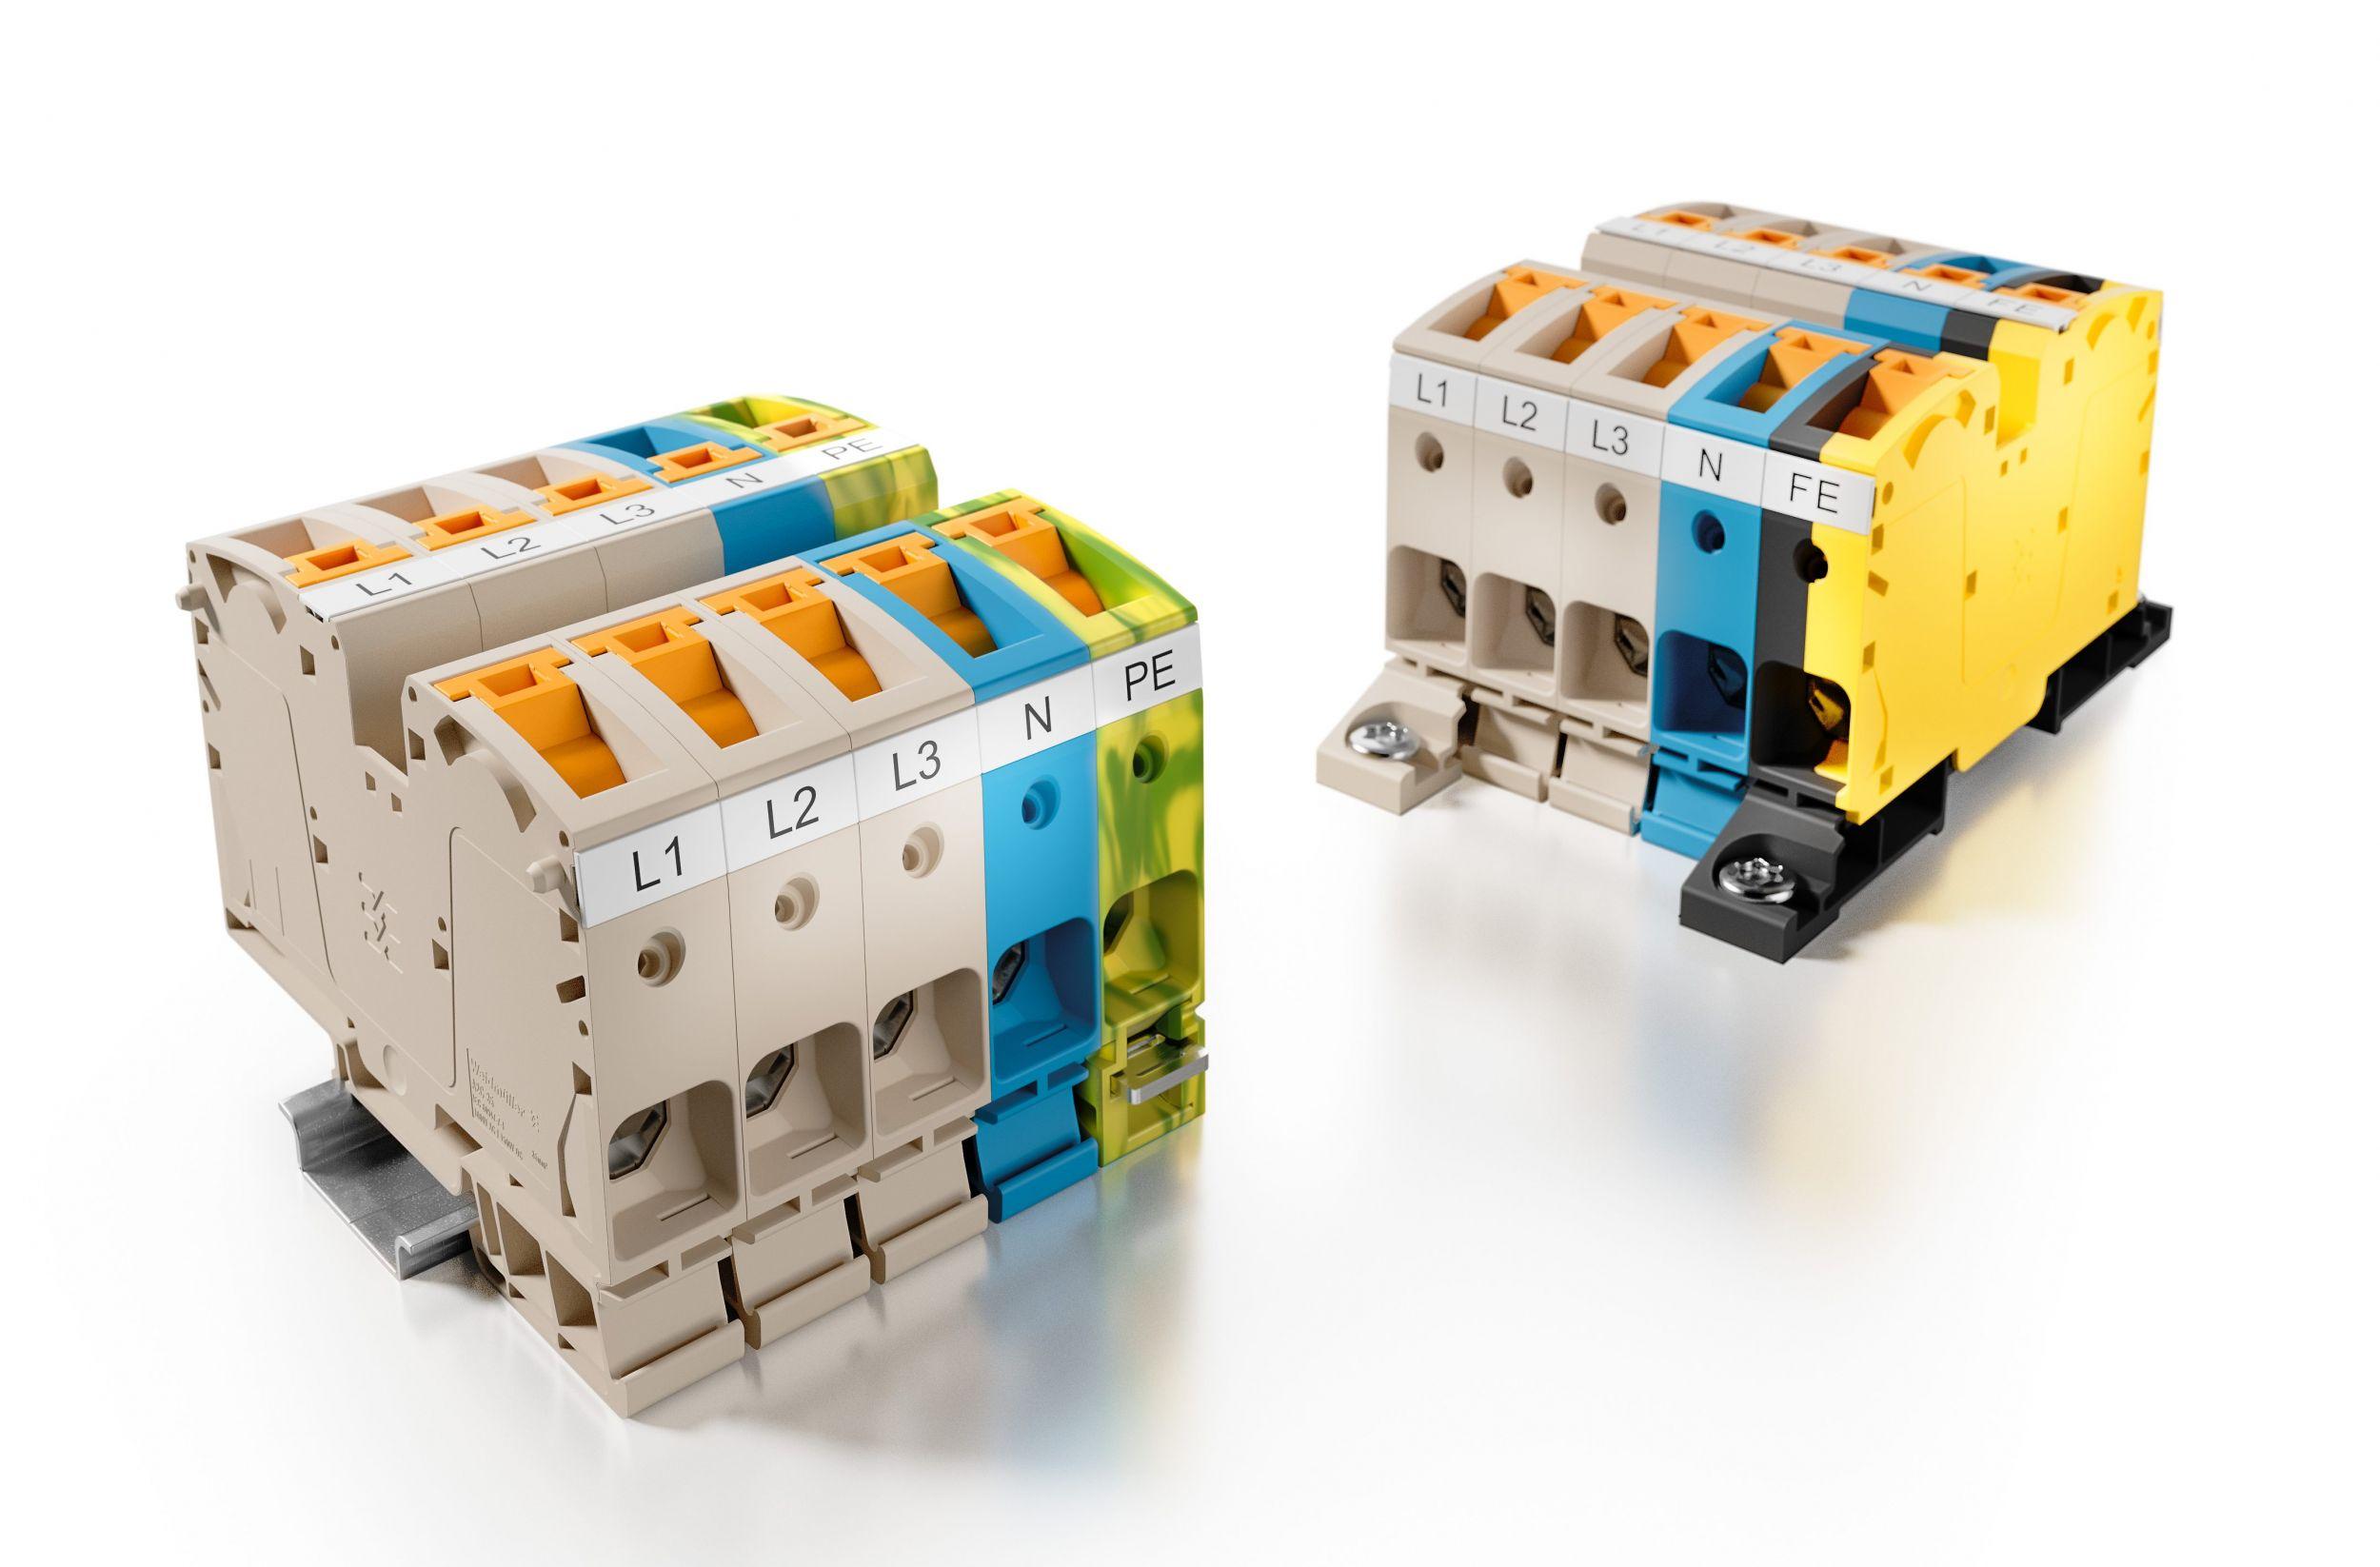 Mit den neuen Hochstromklemmen A2C 35 lässt sich die Energieeinspeisung und -verteilung im Schaltschrank sehr effiziert realisieren. (Bild: Weidmüller Gruppe)